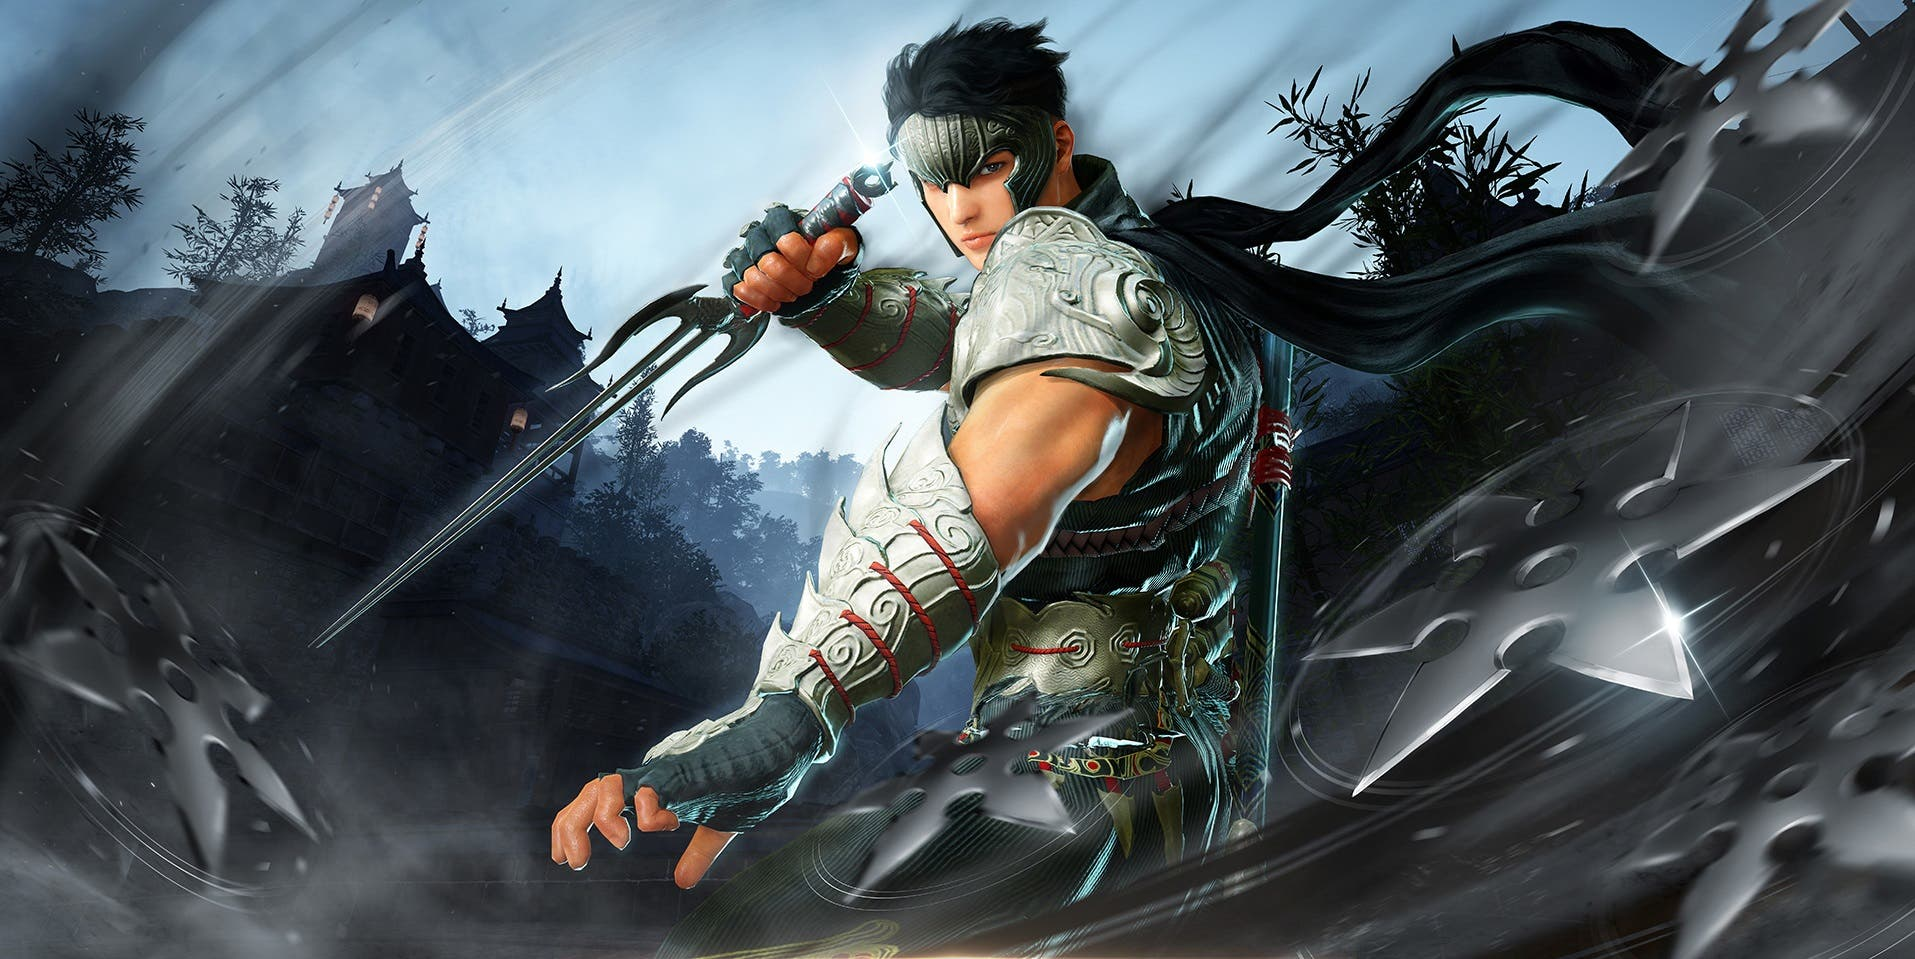 Imagen de Black desert da detalles de su próxima actualización gratuita en Xbox One